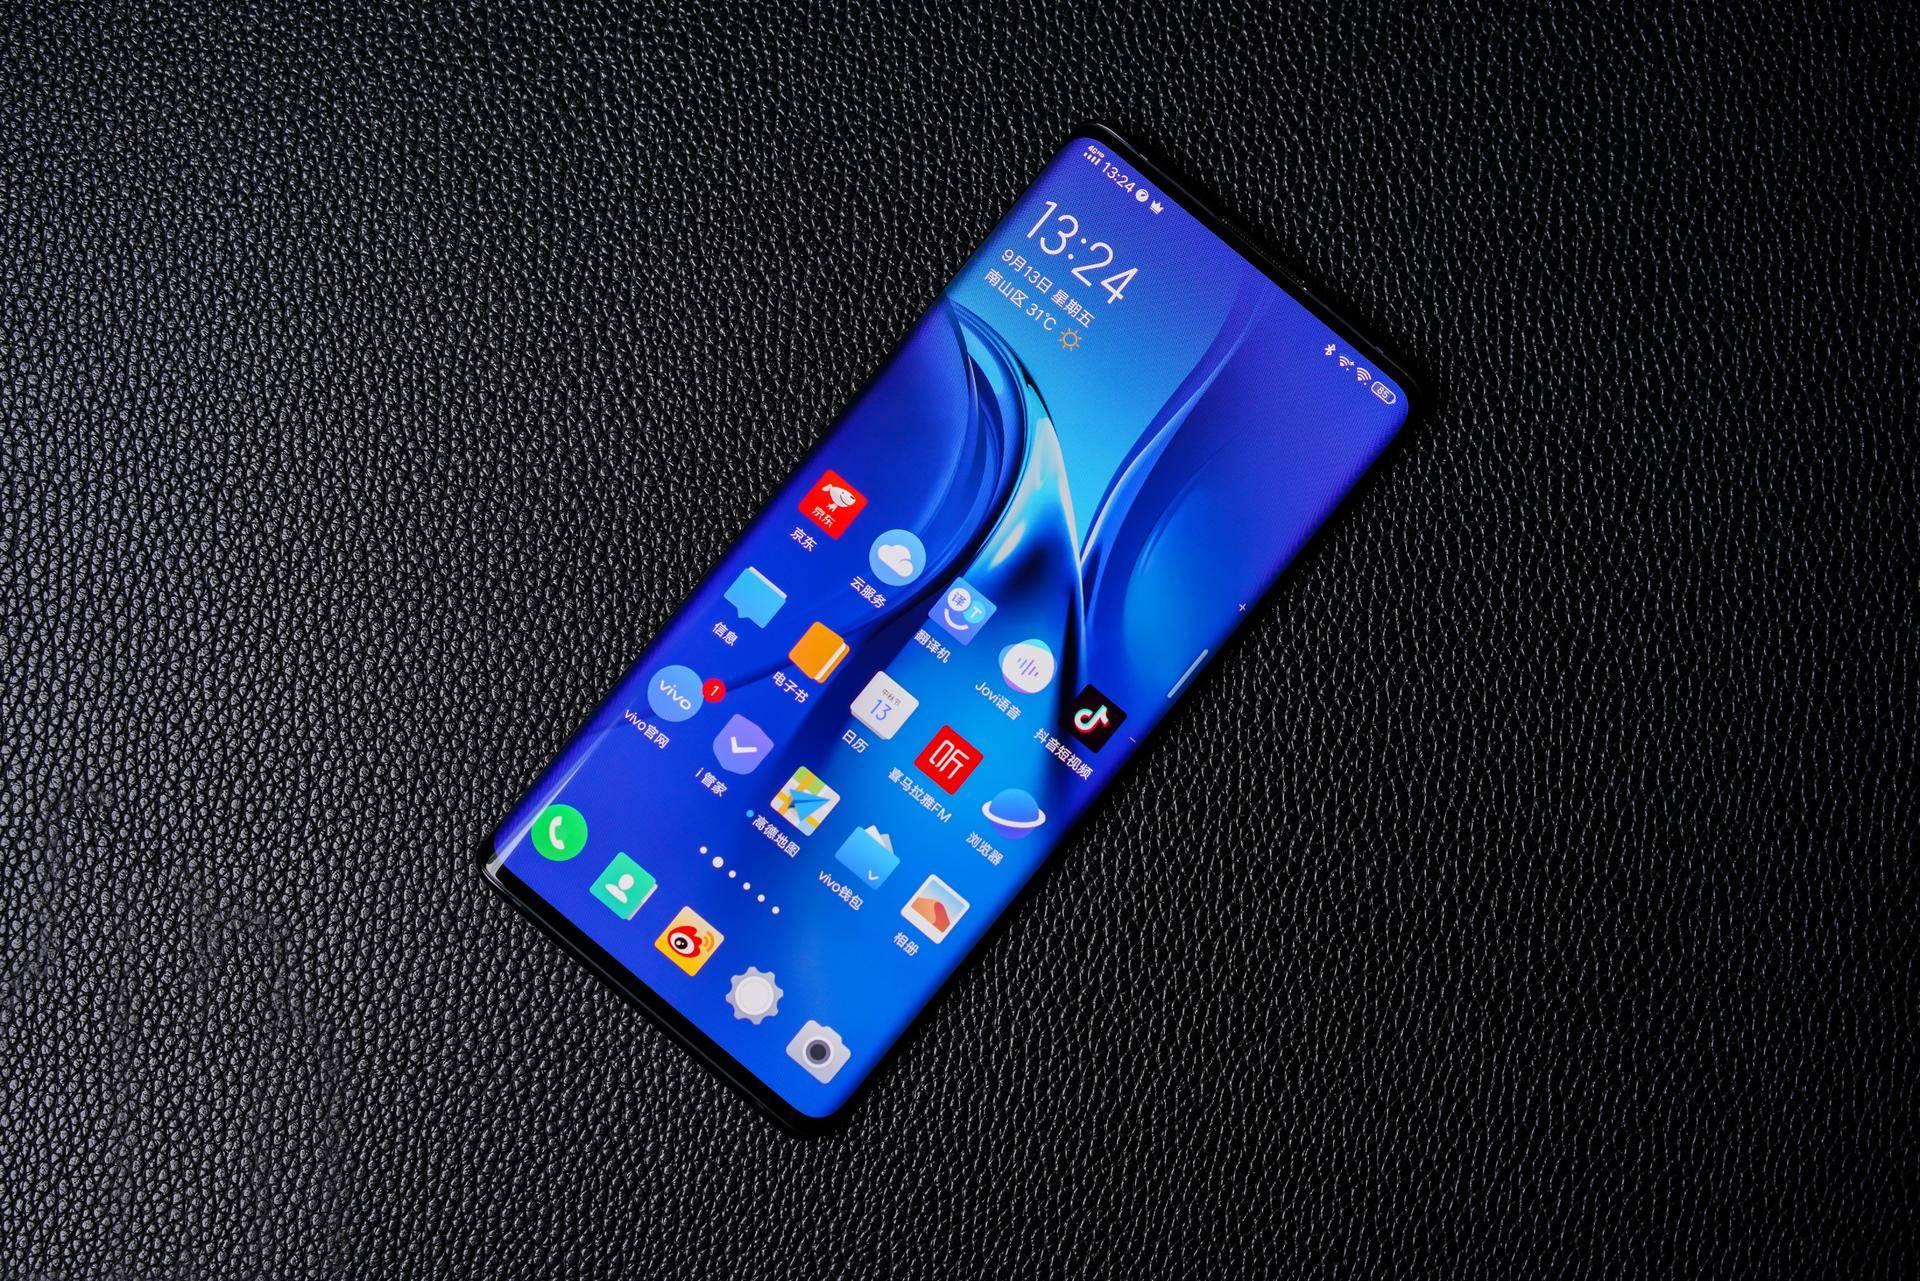 旗舰手机纷纷发布国庆换机为何NEX 3 5G最值得购买